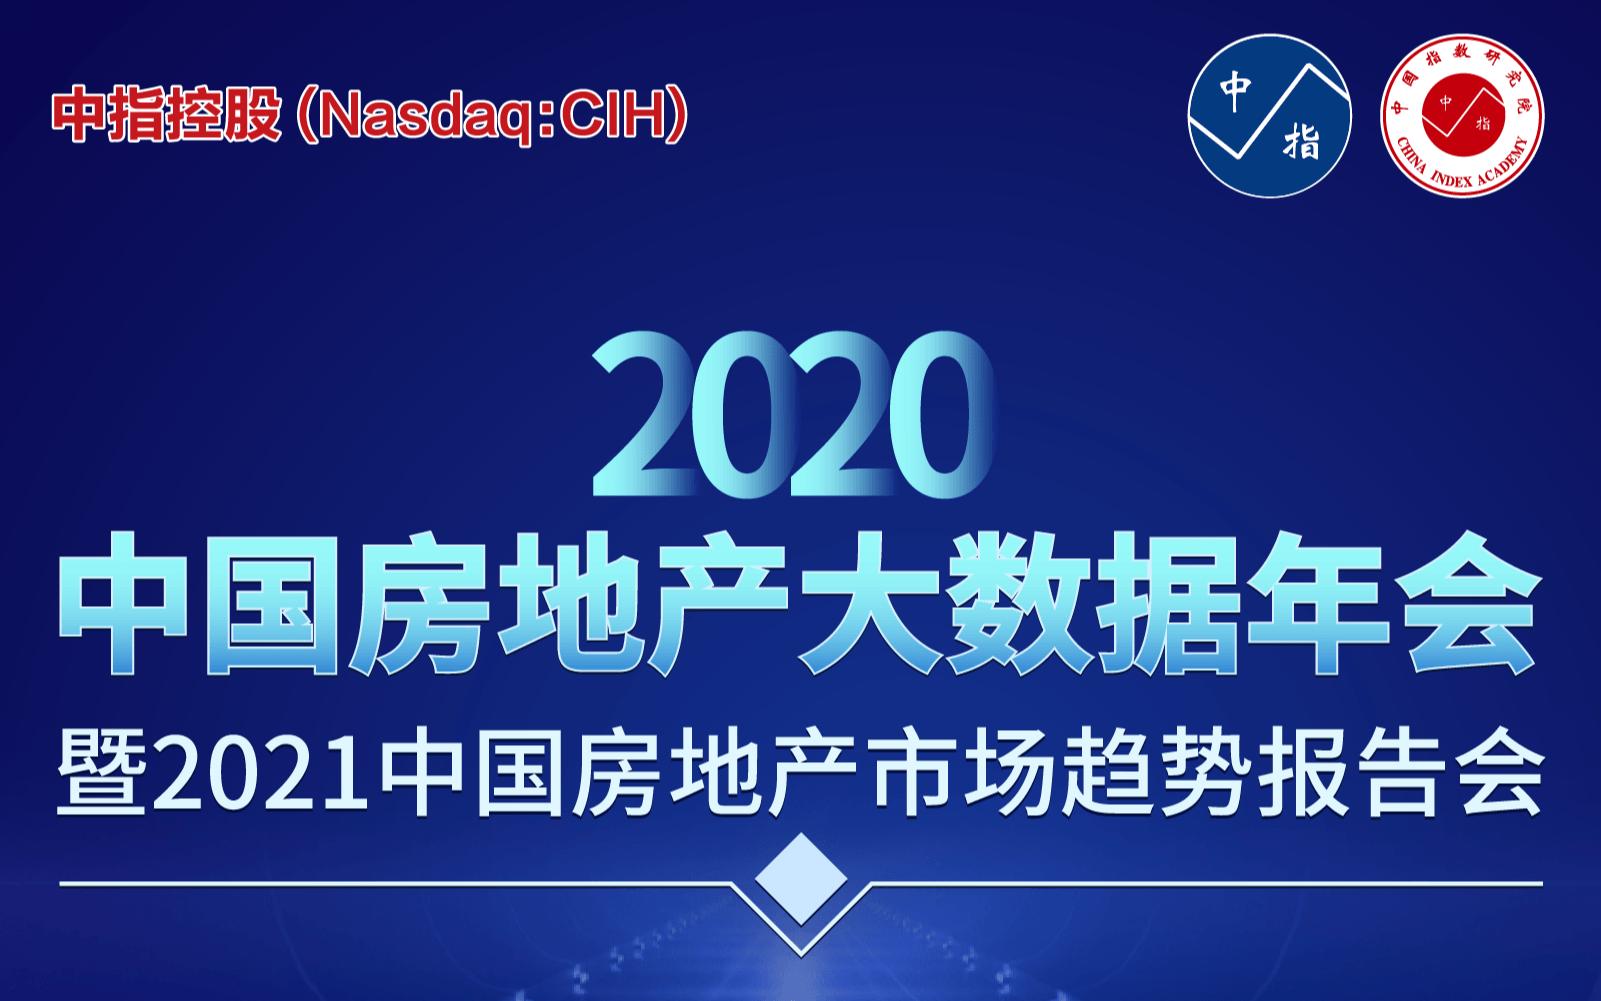 2020中国房地产大数据年会 暨2021中国房地产市场趋势报告会